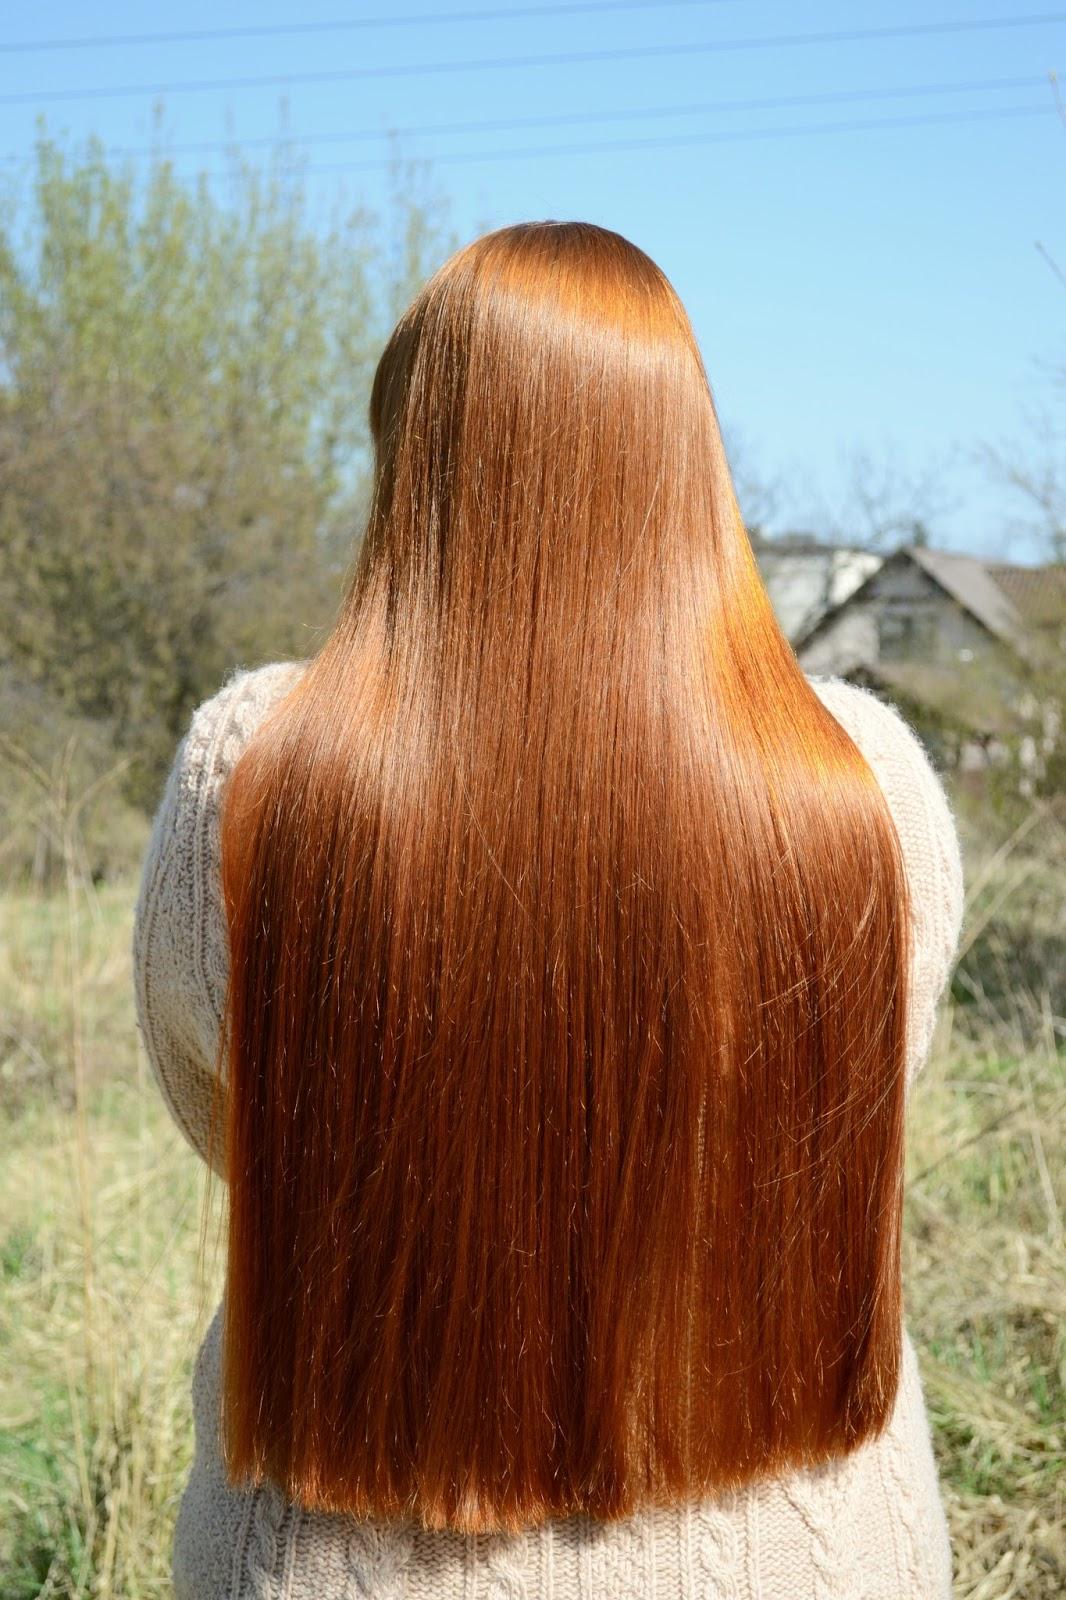 30 dni dla pięknych włosów: jak wyciągnąć z Cassii najwięcej złoto-miedzianego koloru